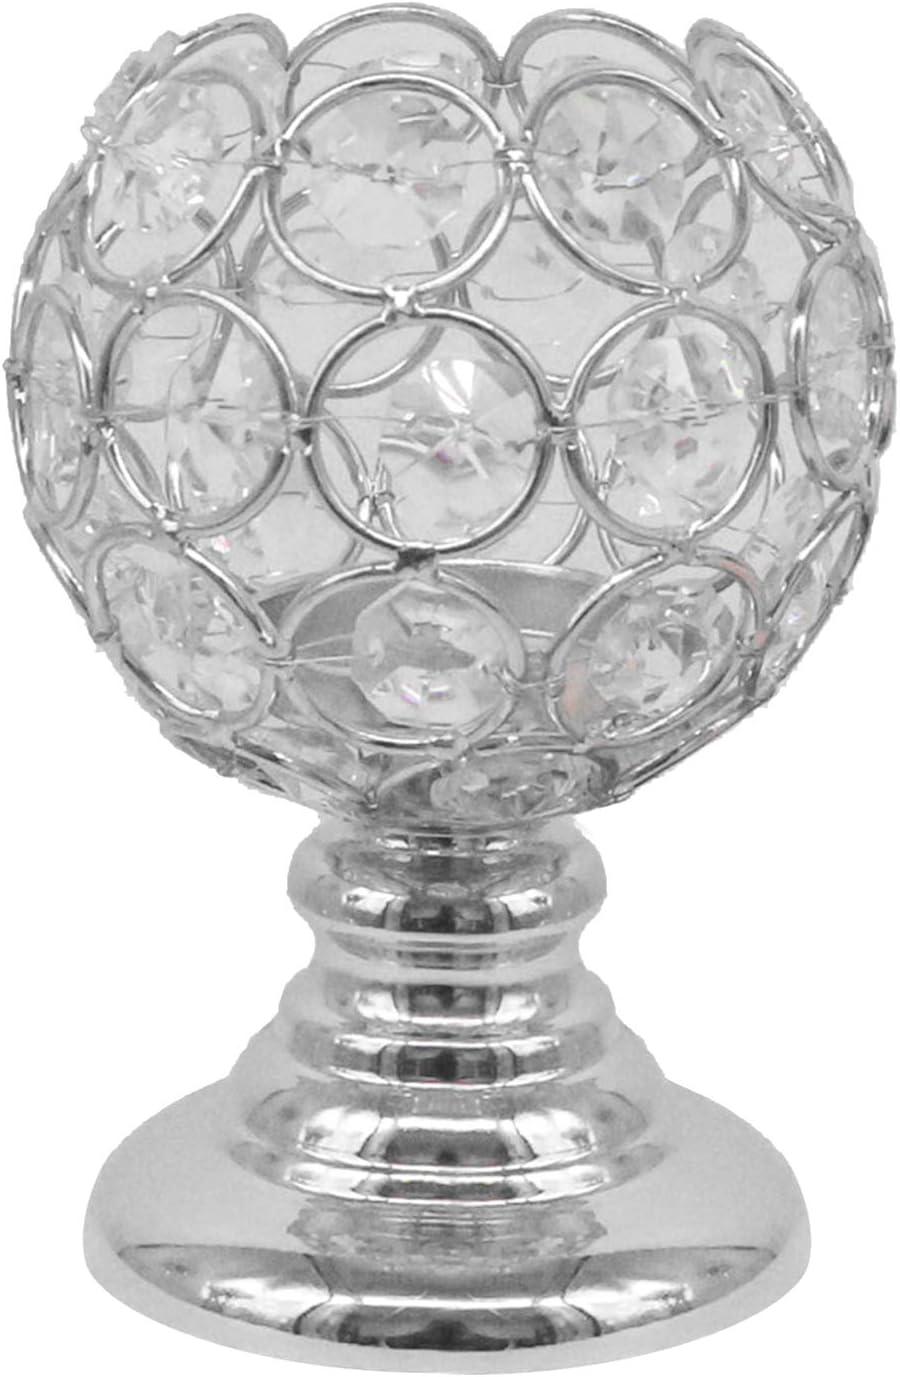 #N Sale item A Crystal Candelabra Max 40% OFF Taper Candle Holder Candlesticks Modern